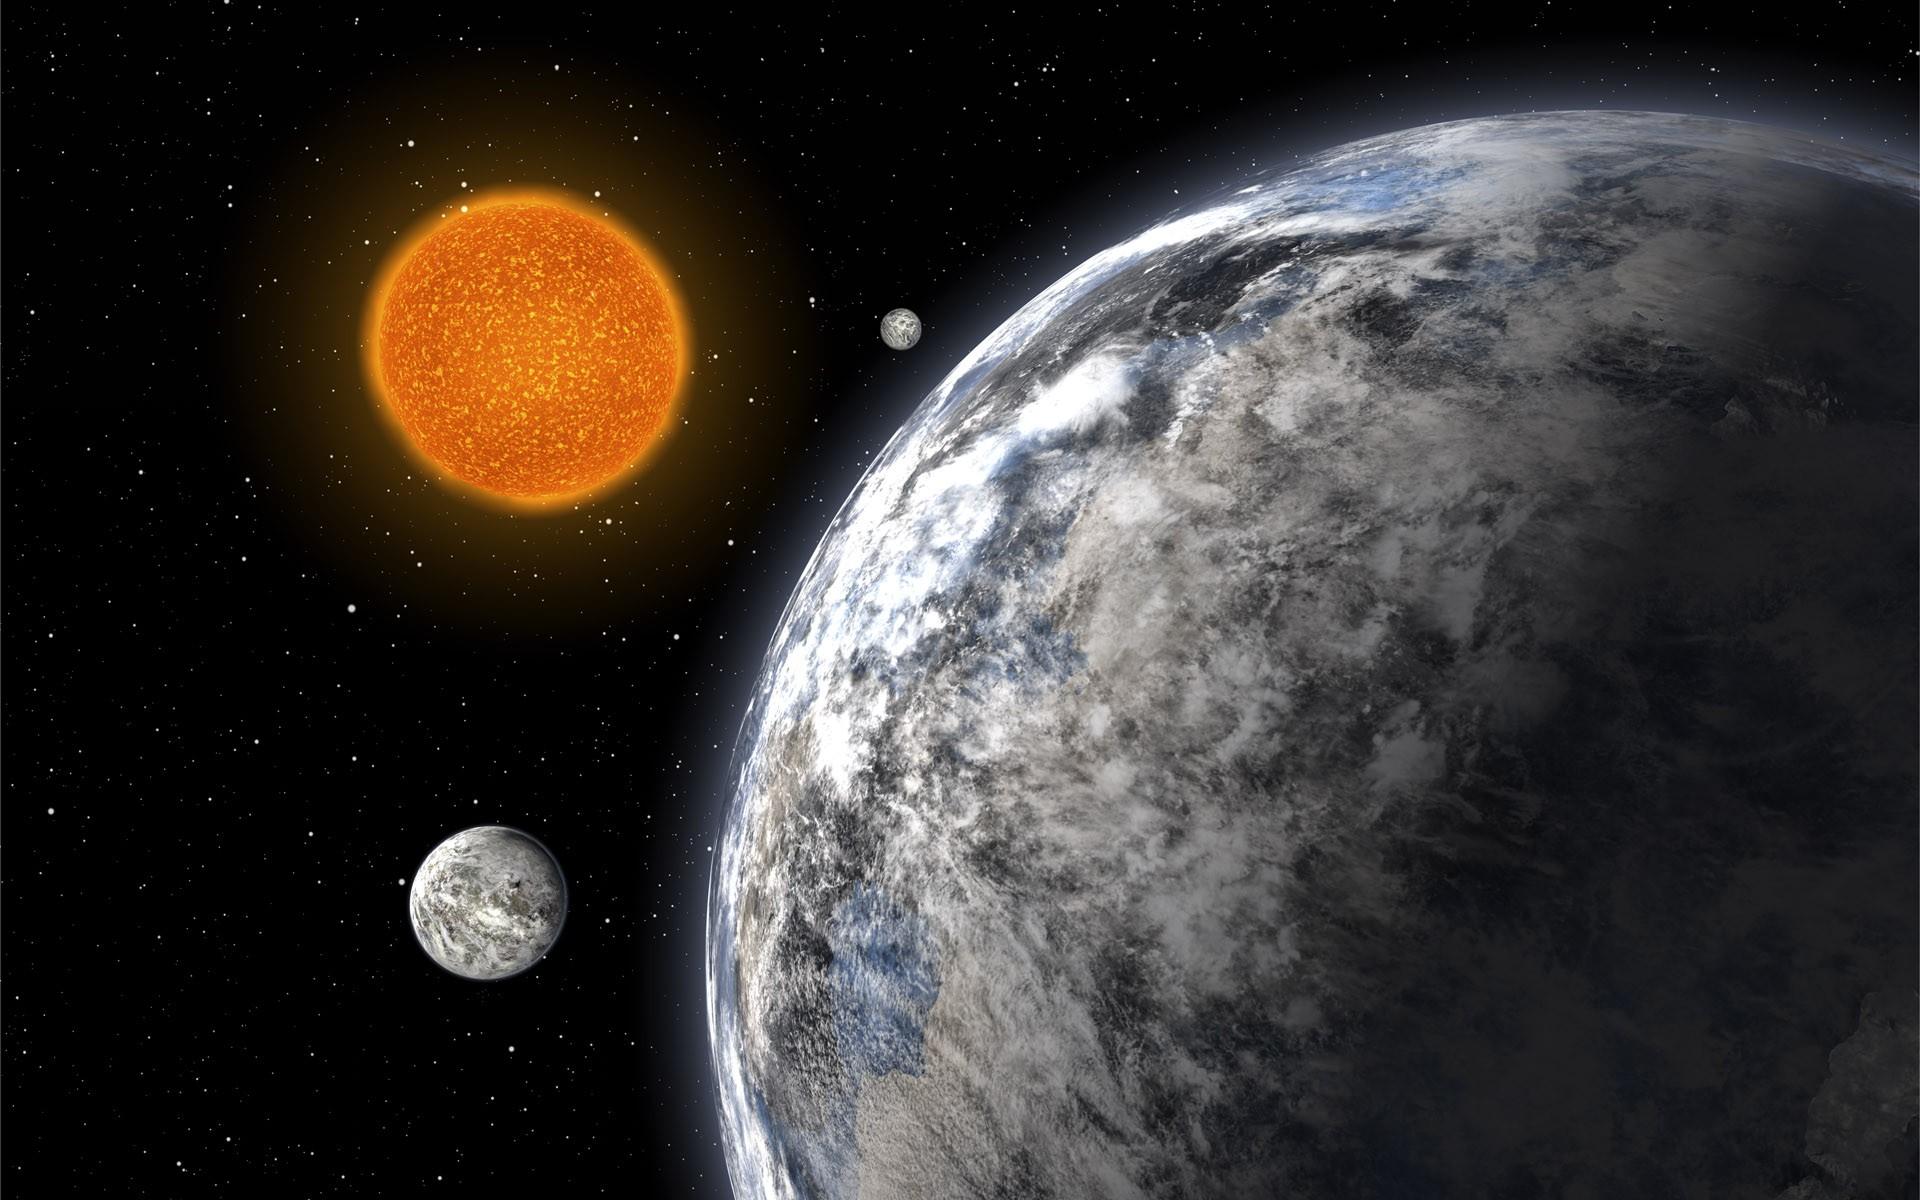 Астрономы узнали, что где-то вСолнечной системе затерялась Суперземля